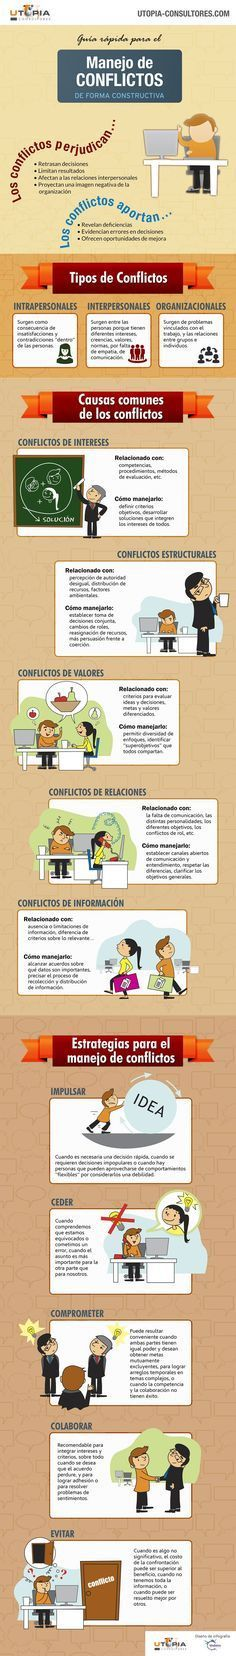 Infografía Conflictos Laborales